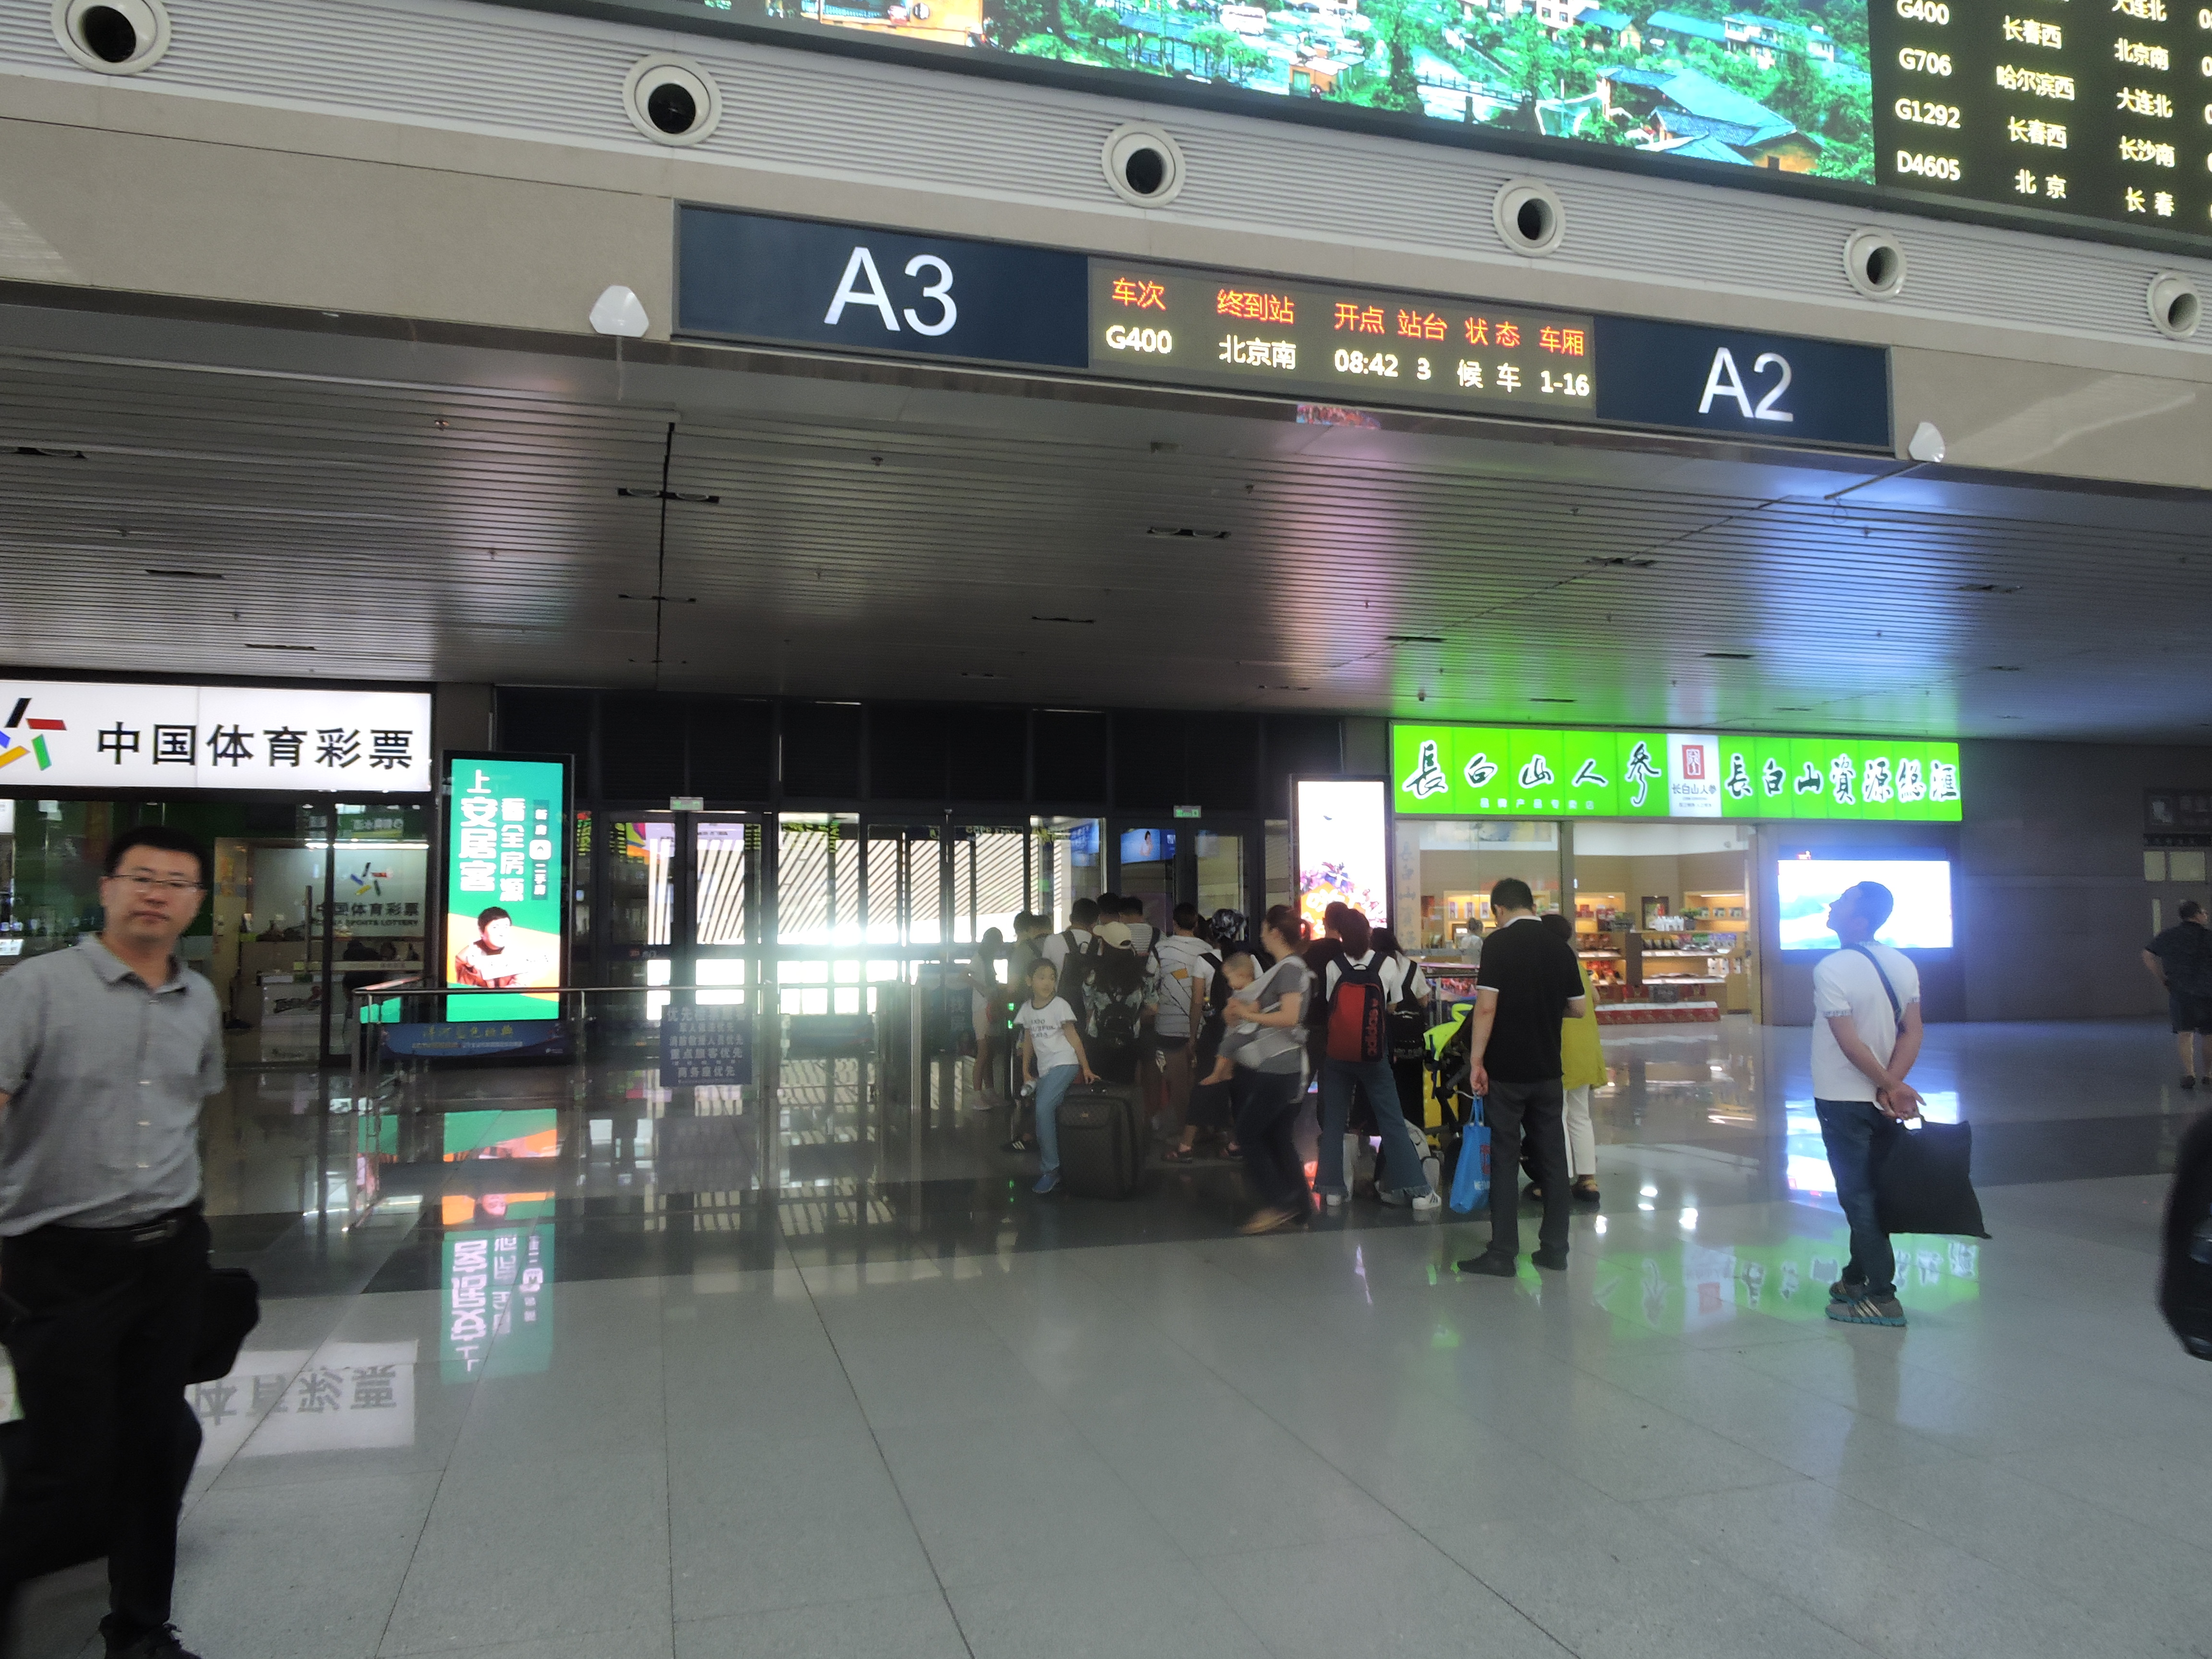 2 DSCN9477.JPG